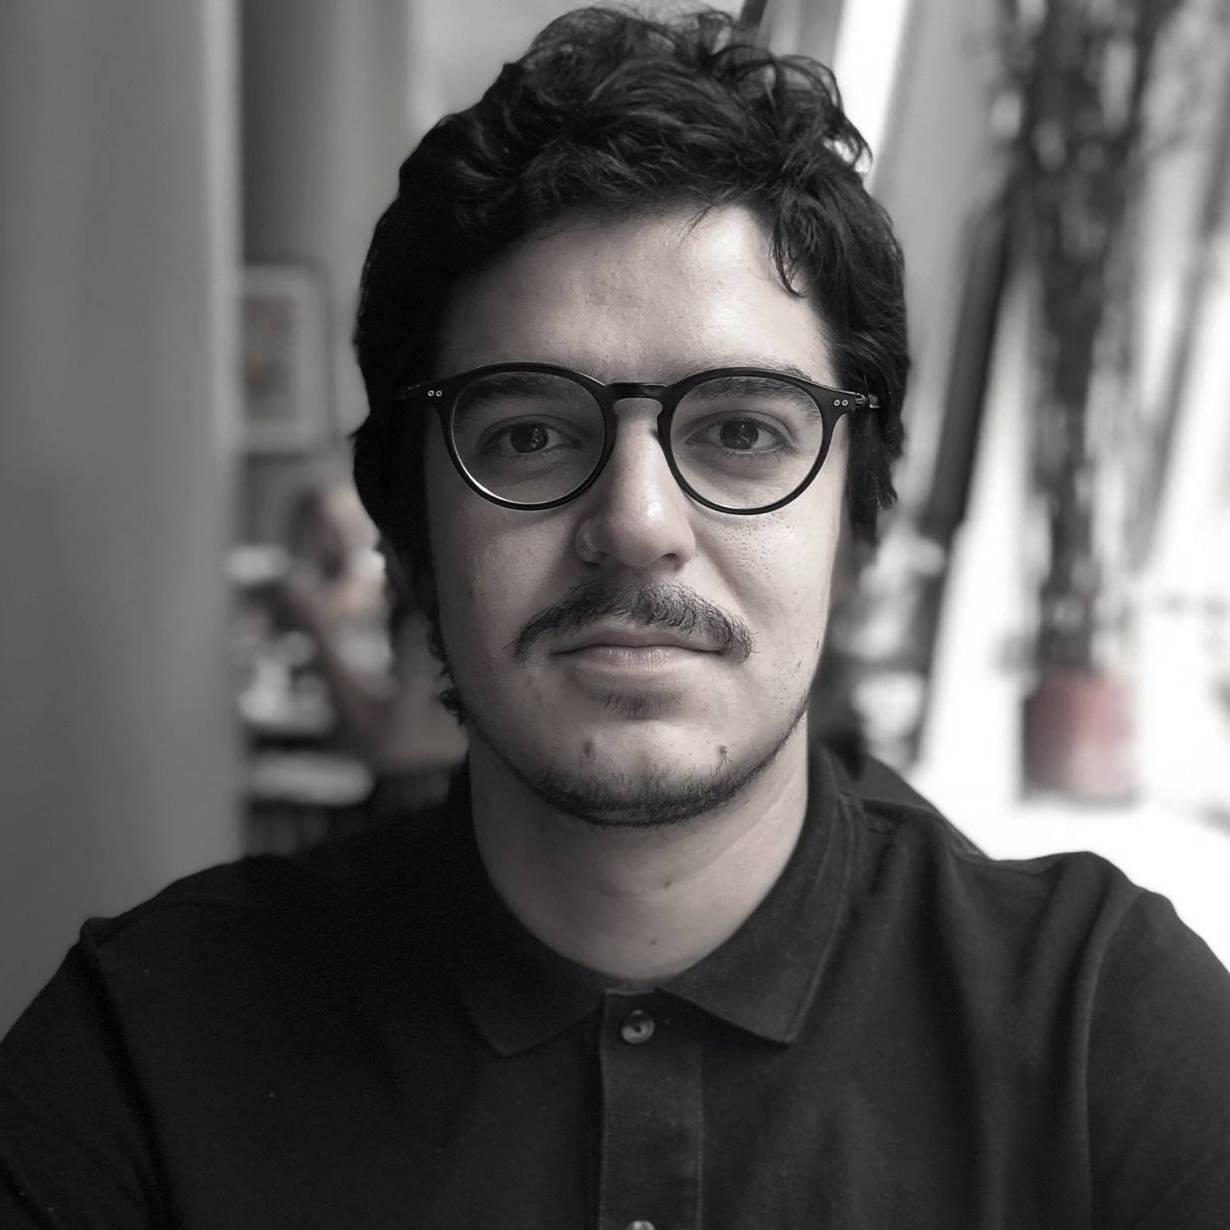 Humberto Ferreira